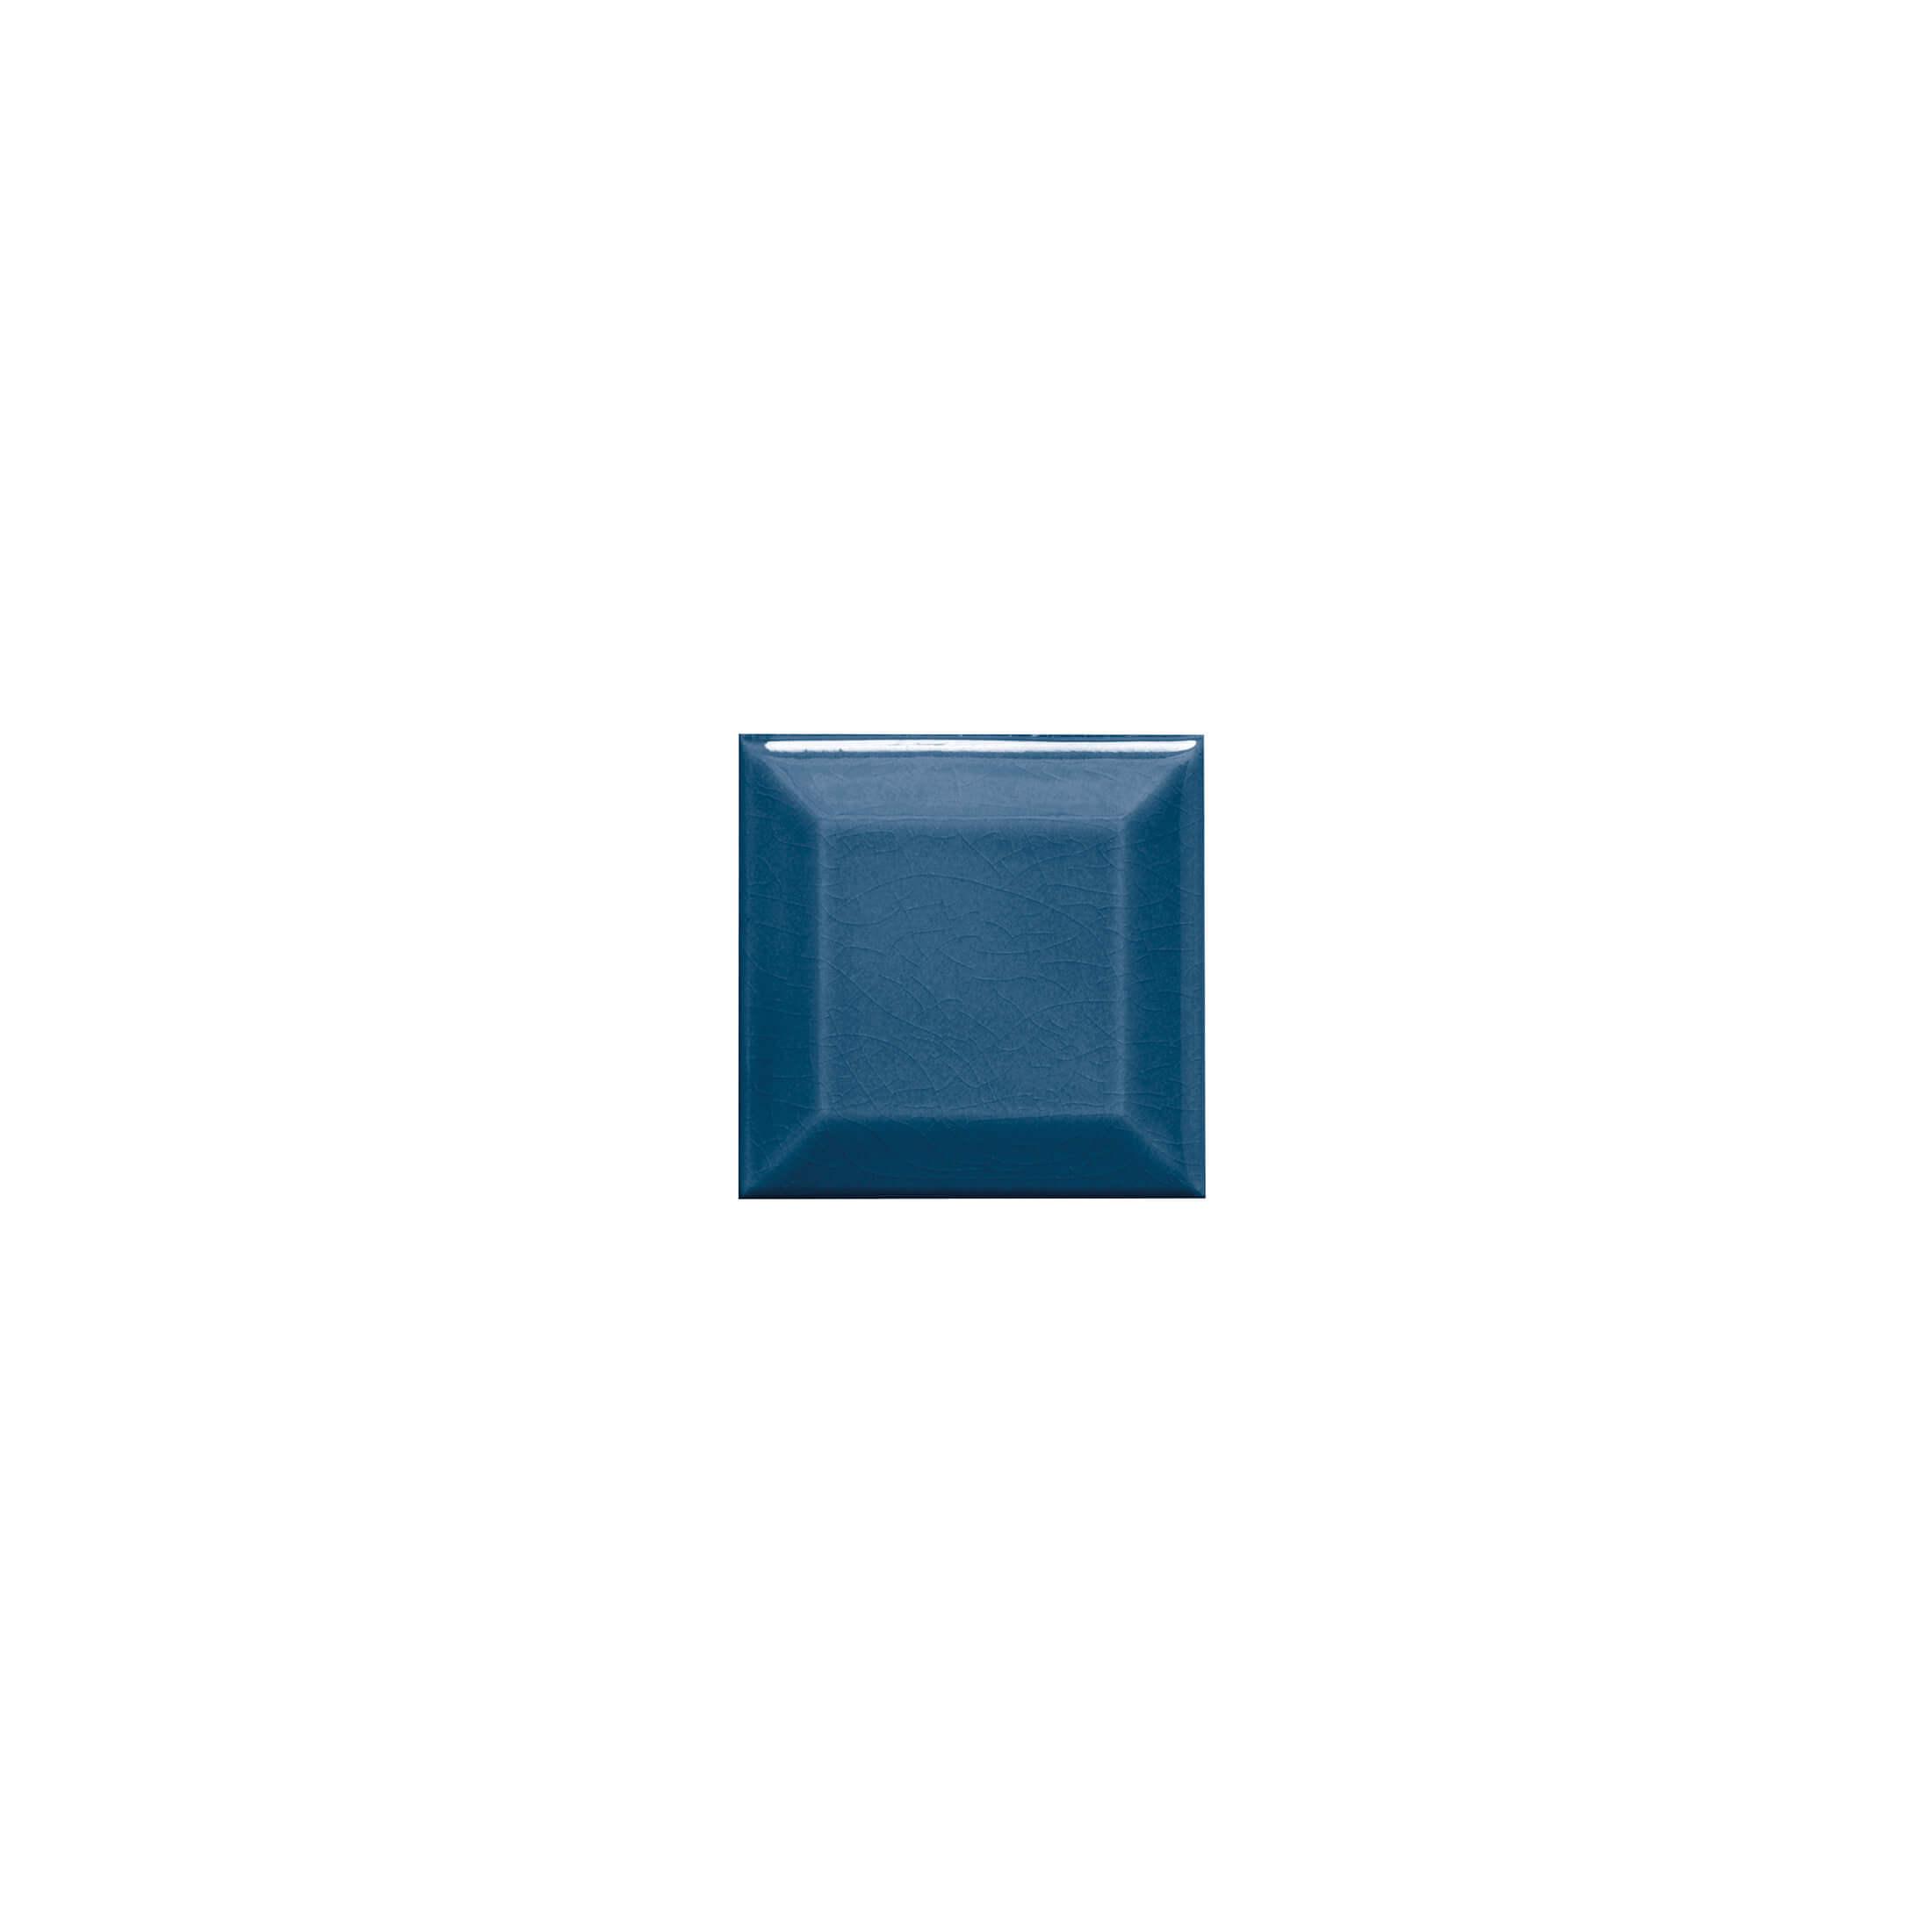 ADMO2029 - BISELADO PB C/C - 7.5 cm X 7.5 cm